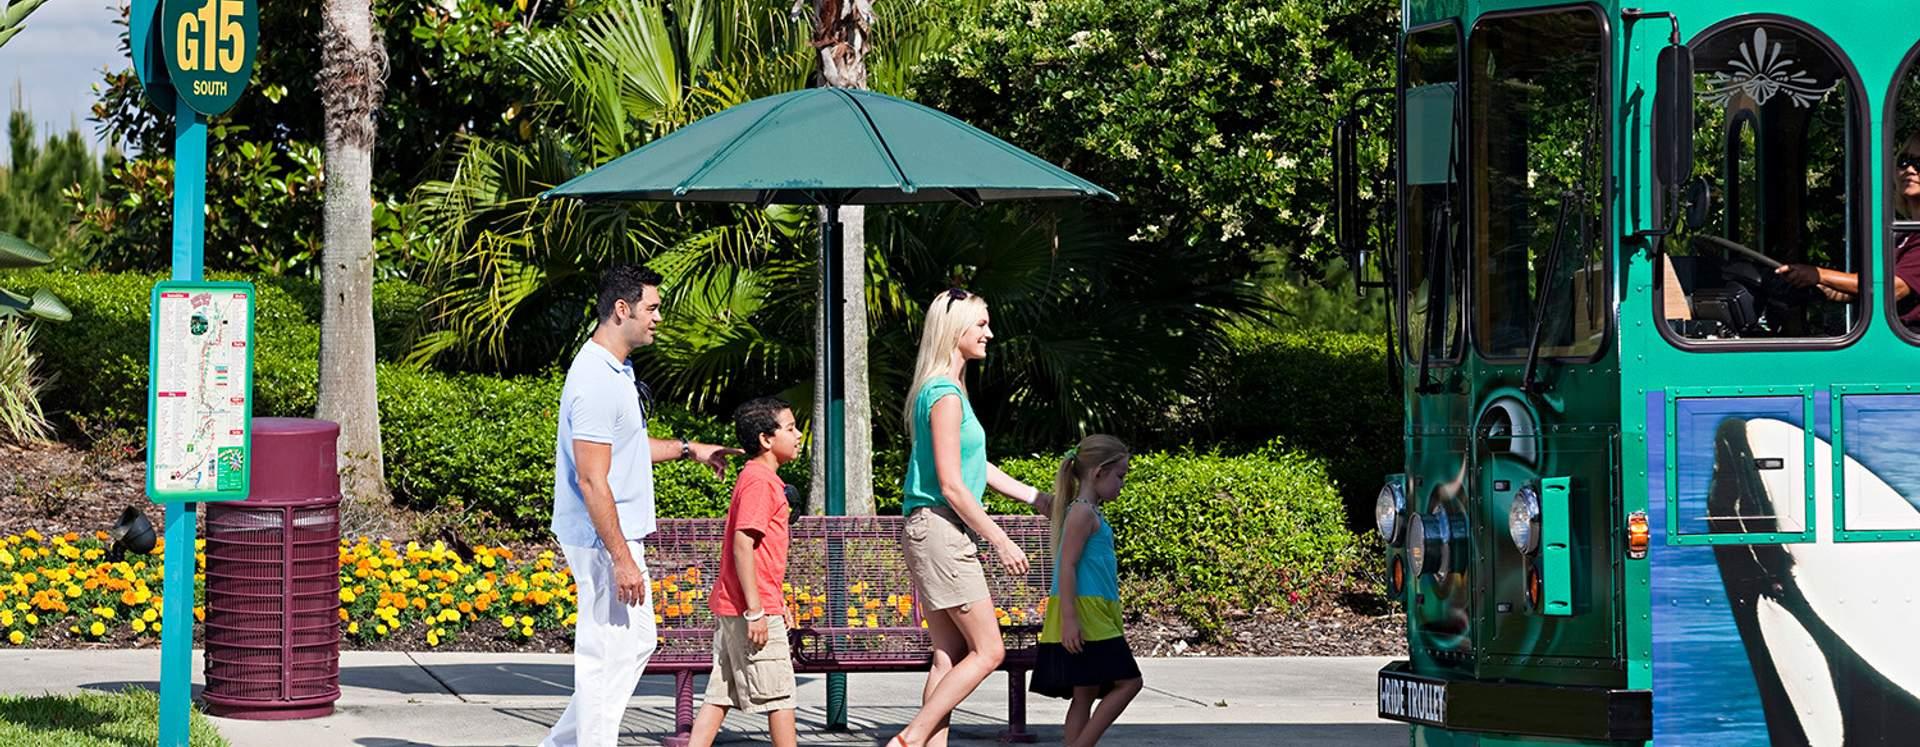 Ponto de parada do I-Drive Trolley da área de resorts